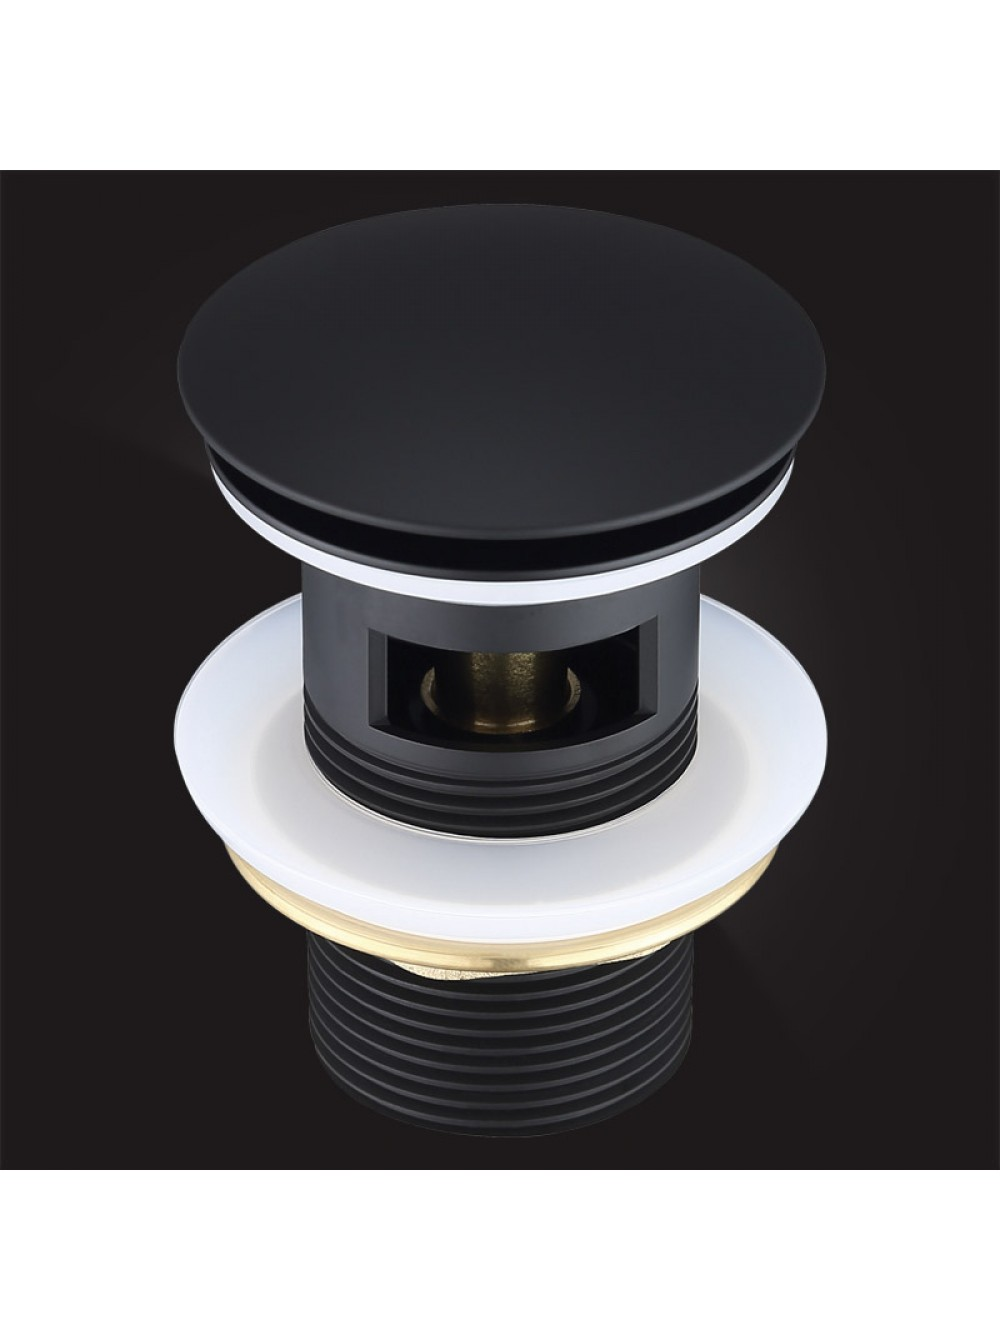 Донный клапан Elghansa WASTE SYSTEMS WBT-122-Black для раковины с переливом, черный